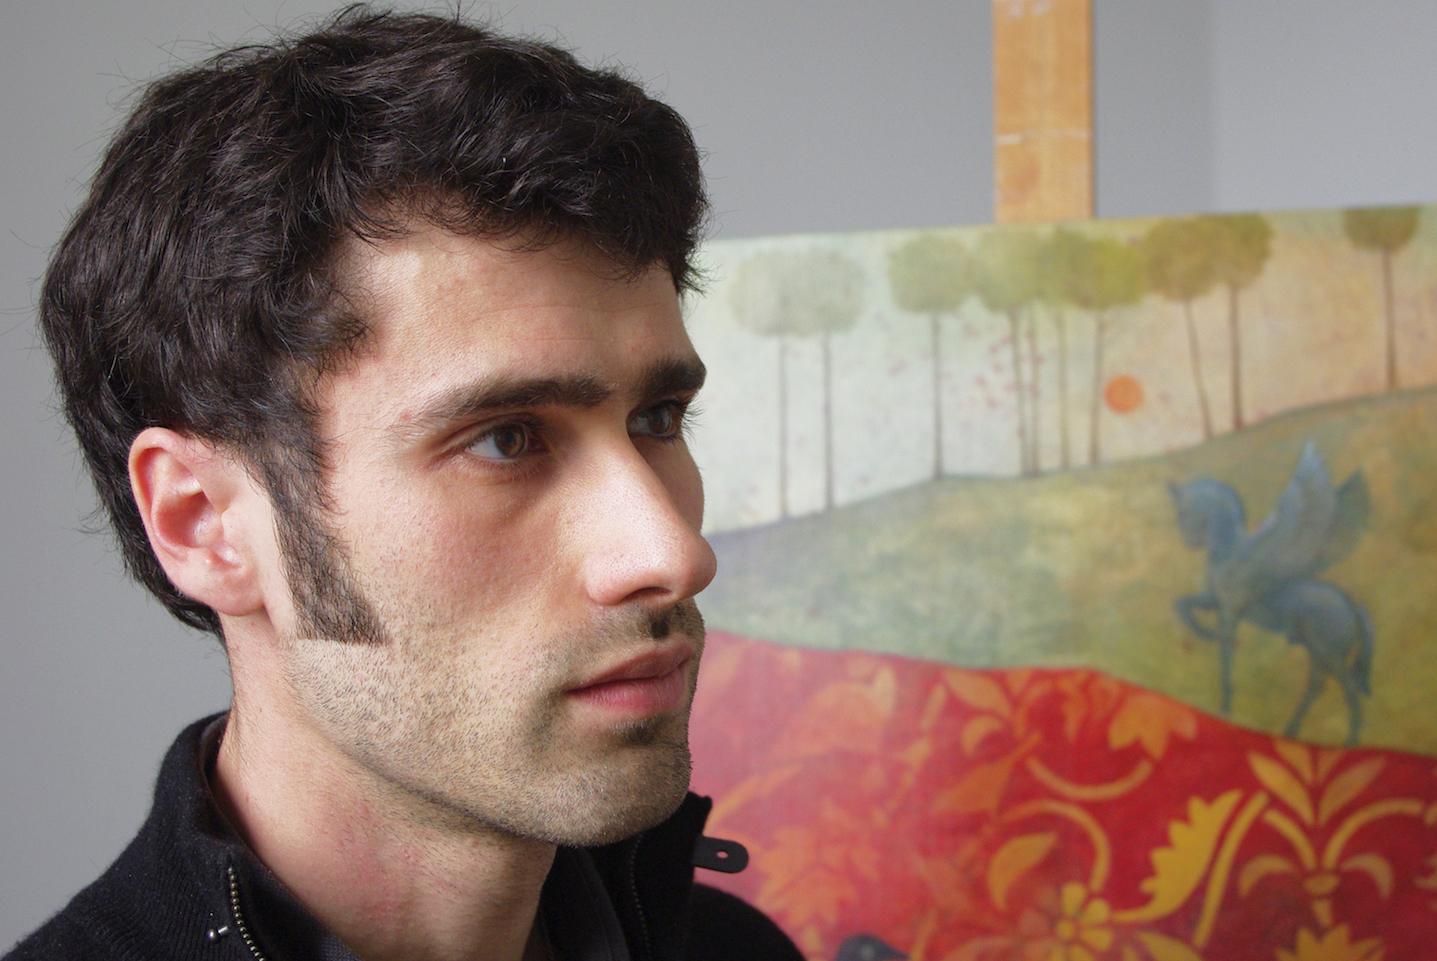 Portrait du peintre Augustin Frison-Roche. © Augustin Frison-Roche